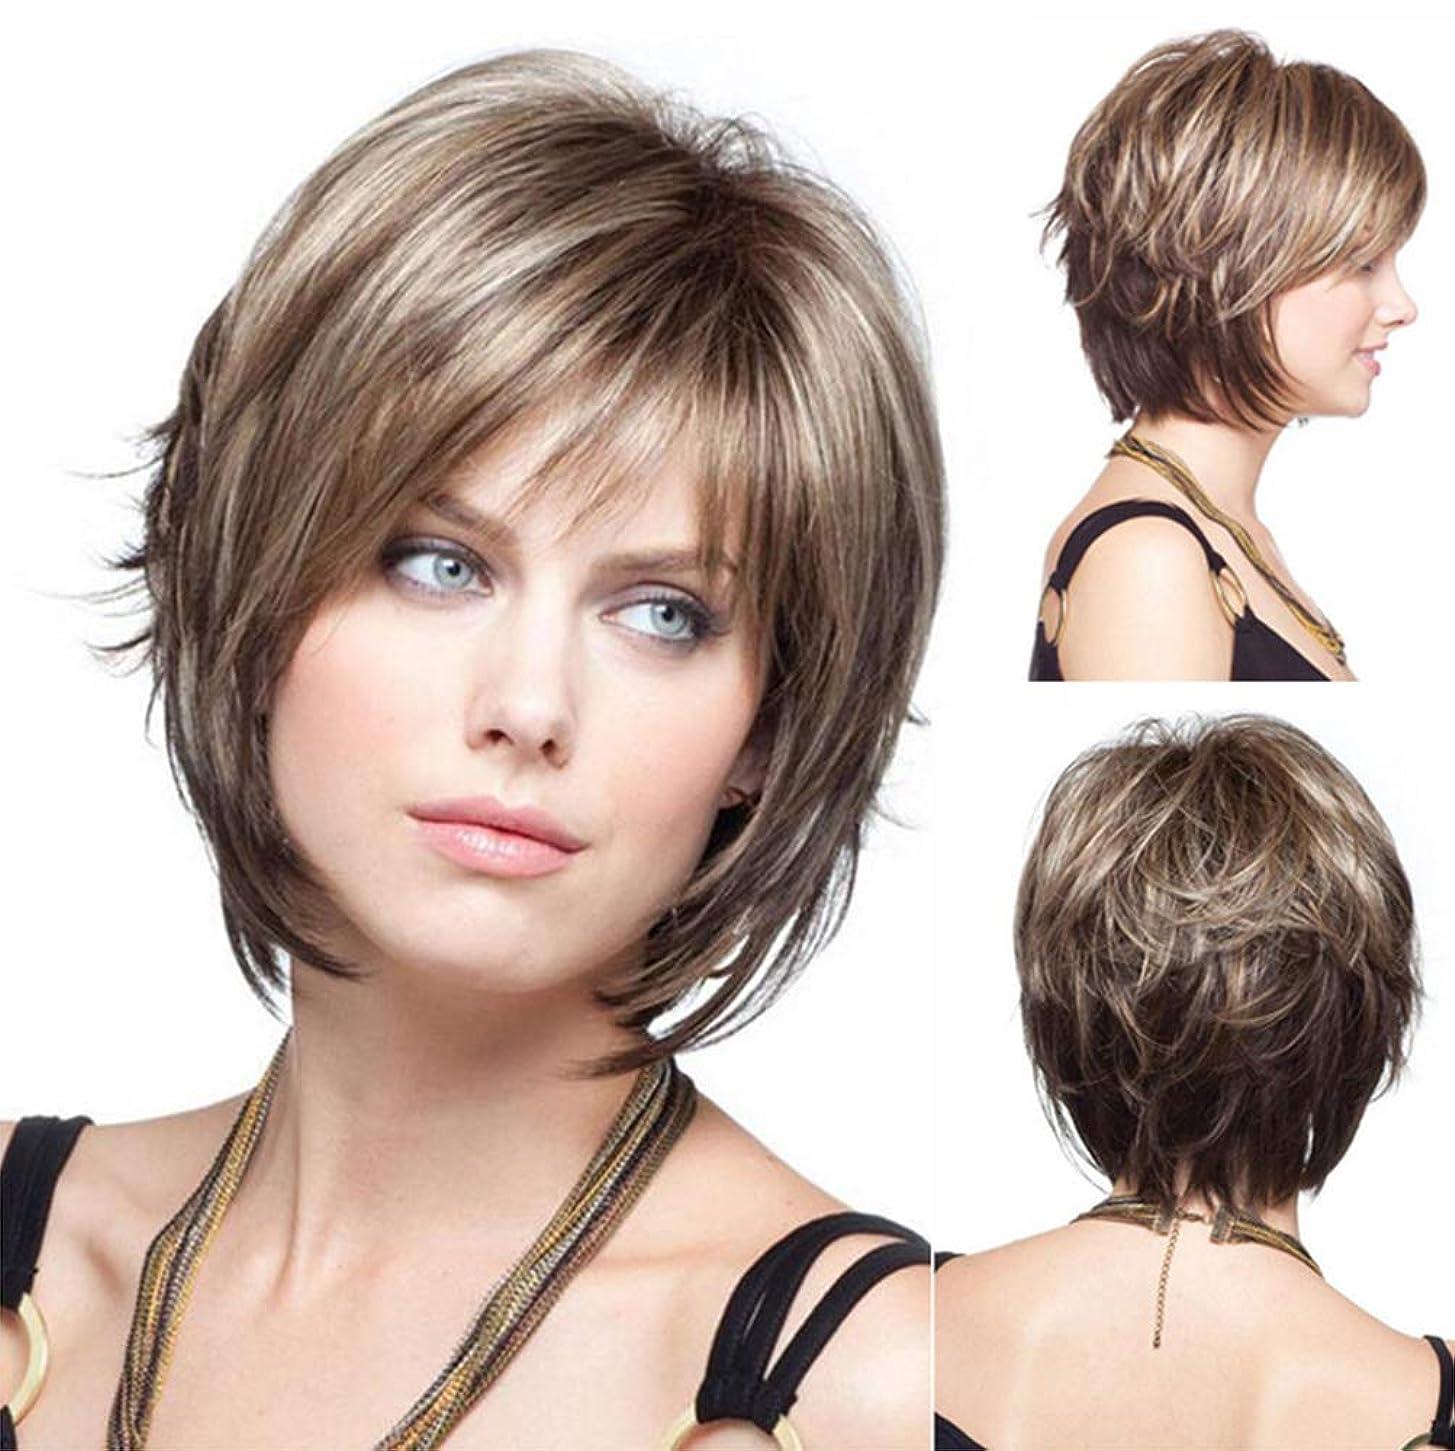 不快な連結する禁止する人毛ウィッグライトブラウン32センチ用ウィッグ女性合成ブラジル耐熱ショート